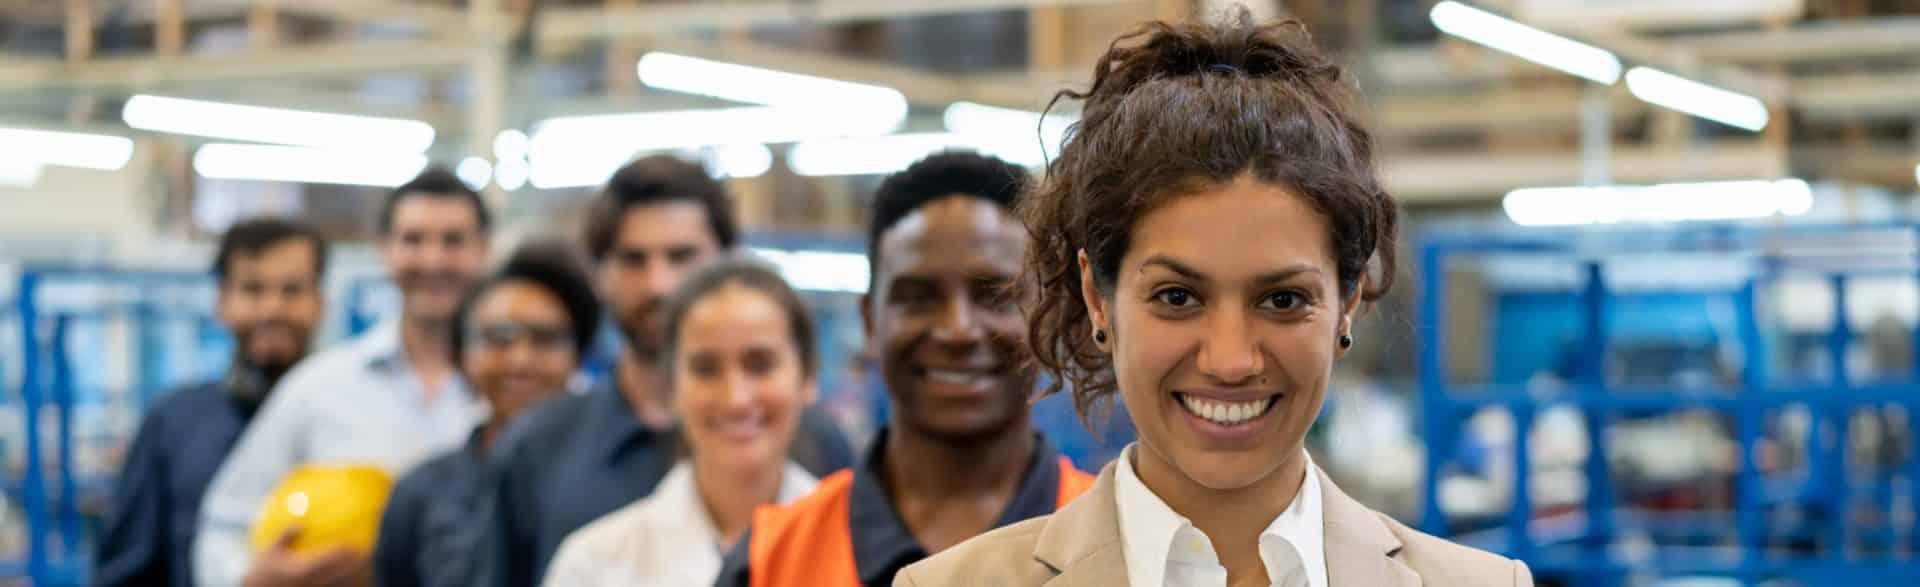 Pourquoi faire appel à un cabinet de recrutement pour retrouver rapidement un emploi ?